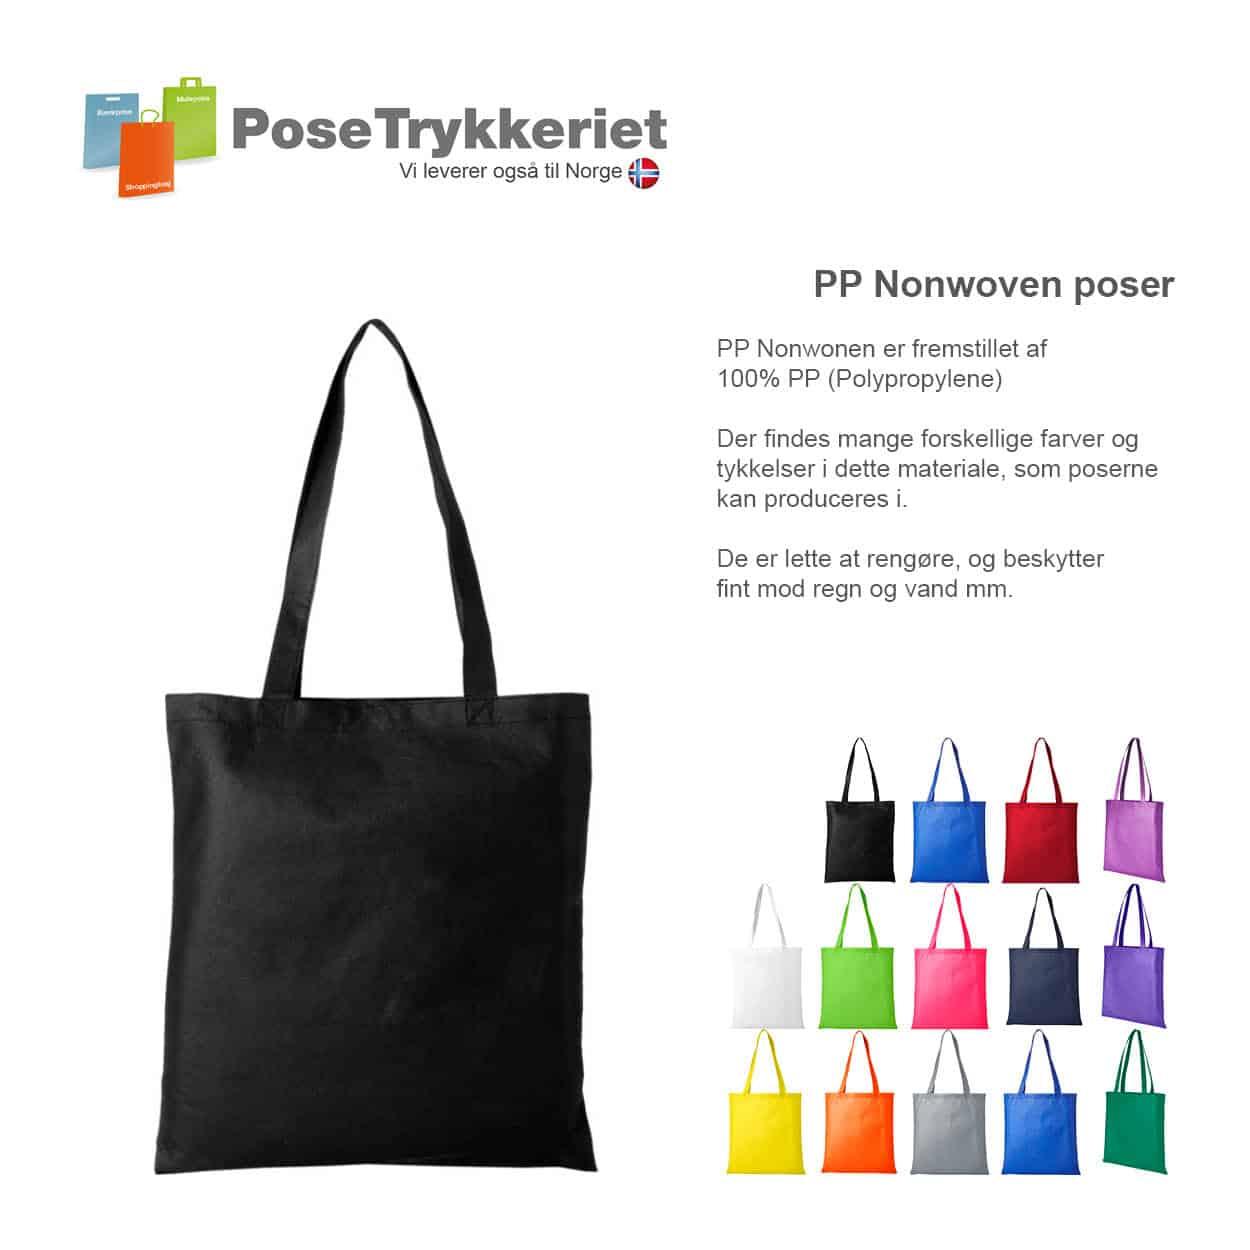 Nonwoven poser med logotryk. PoseTrykkeriet.dk